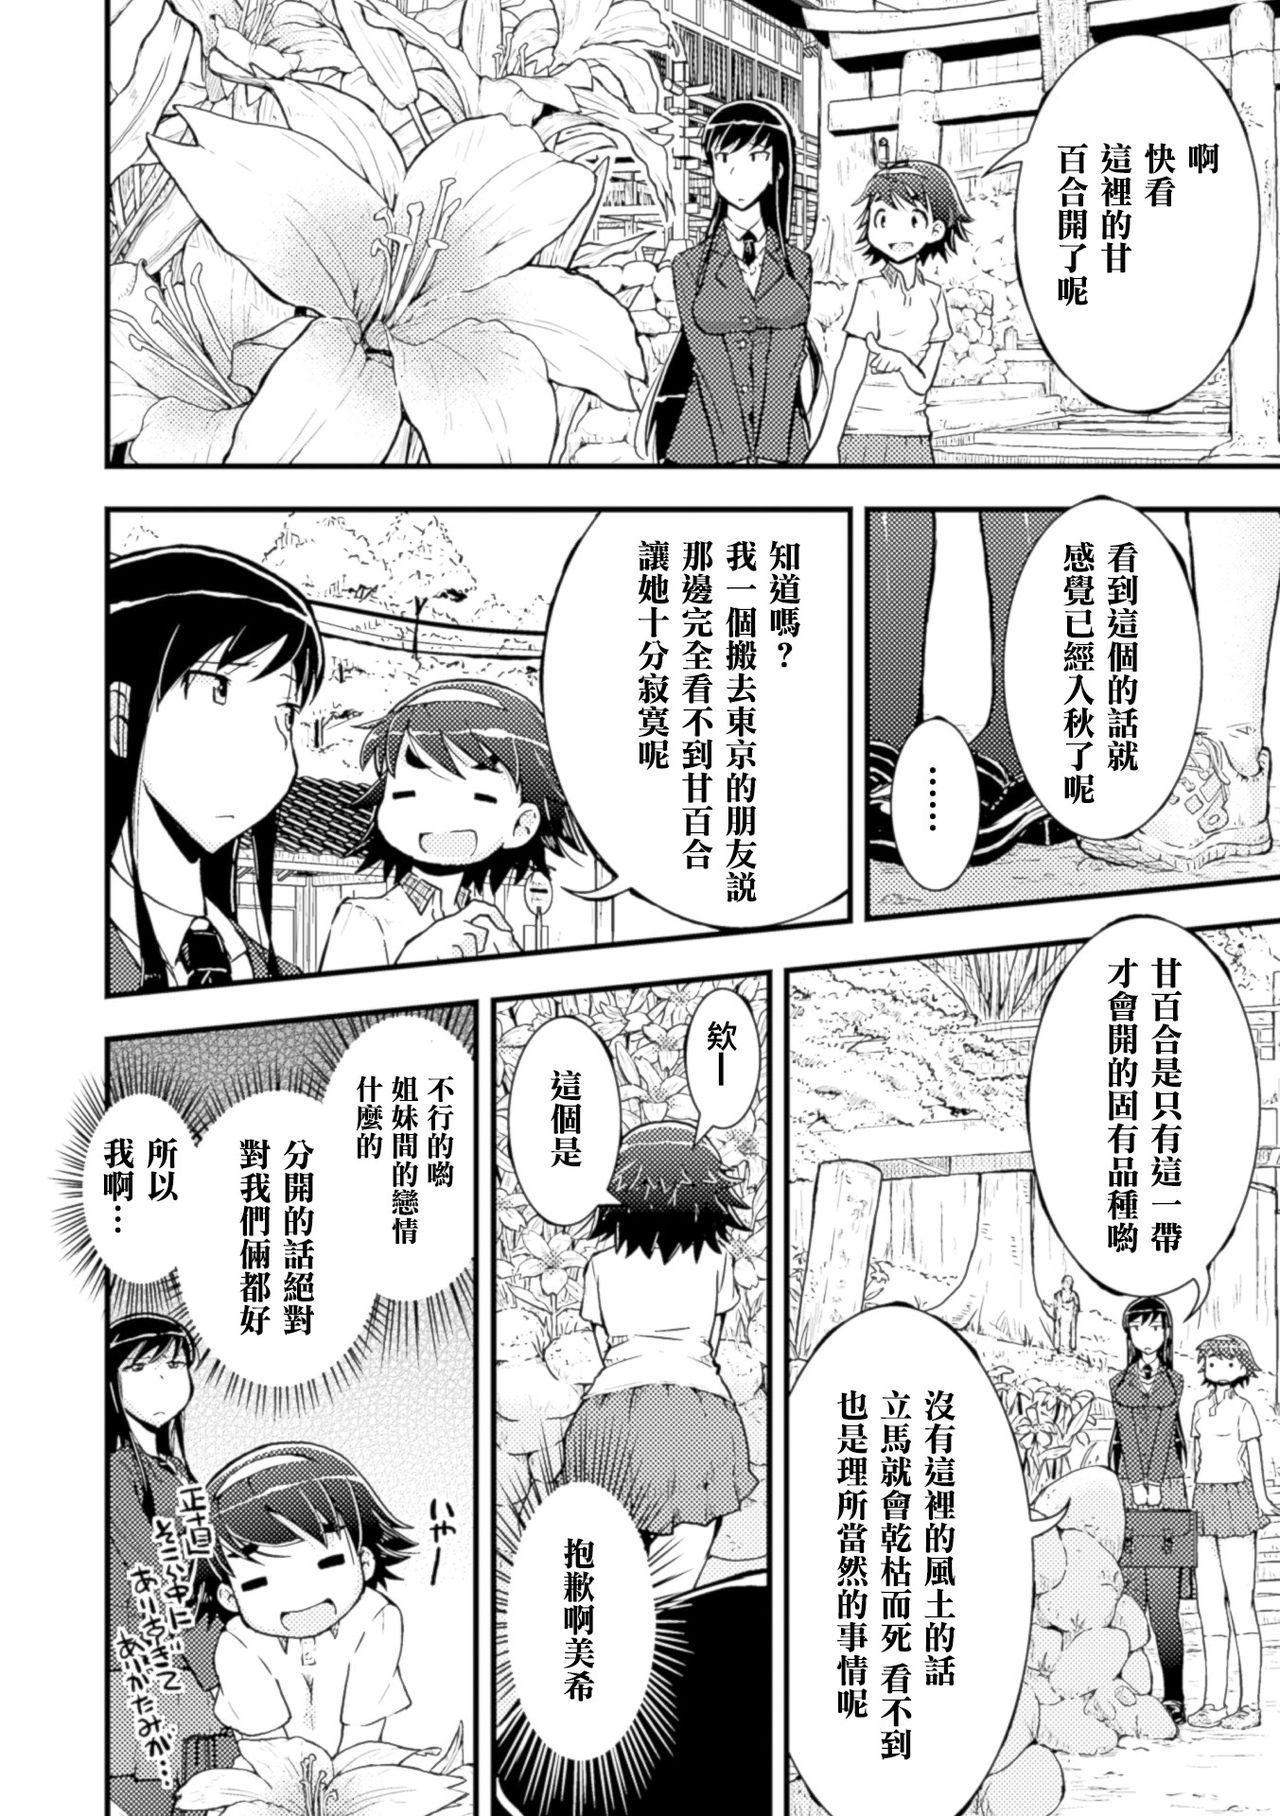 Amayuri no Tane to Yamamoto Shimai 6